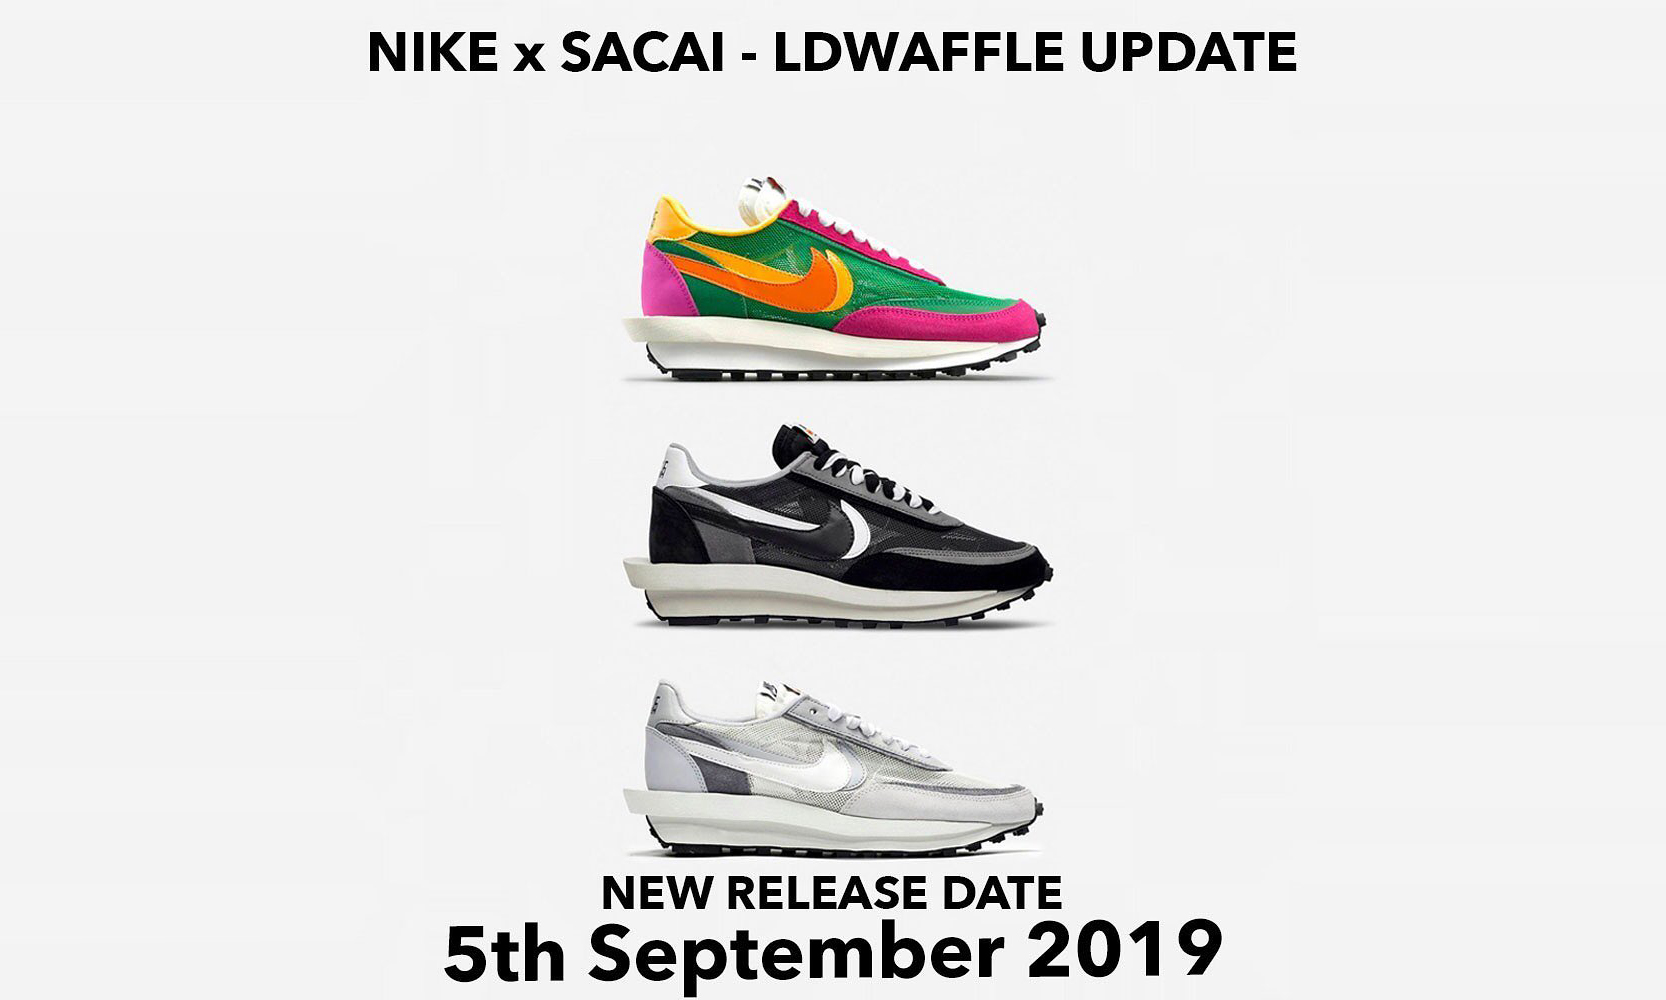 再度跳票!sacai x Nike LDWaffle 联名新配色发售又推迟